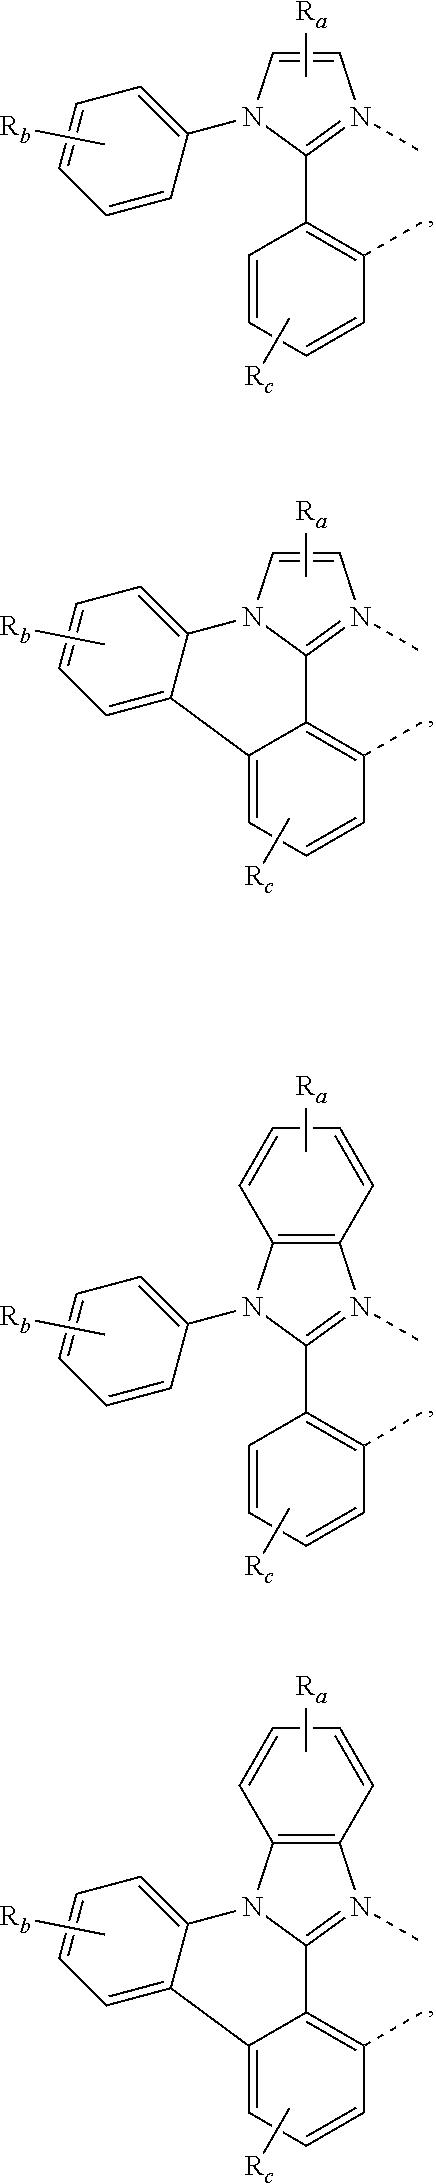 Figure US09406892-20160802-C00301